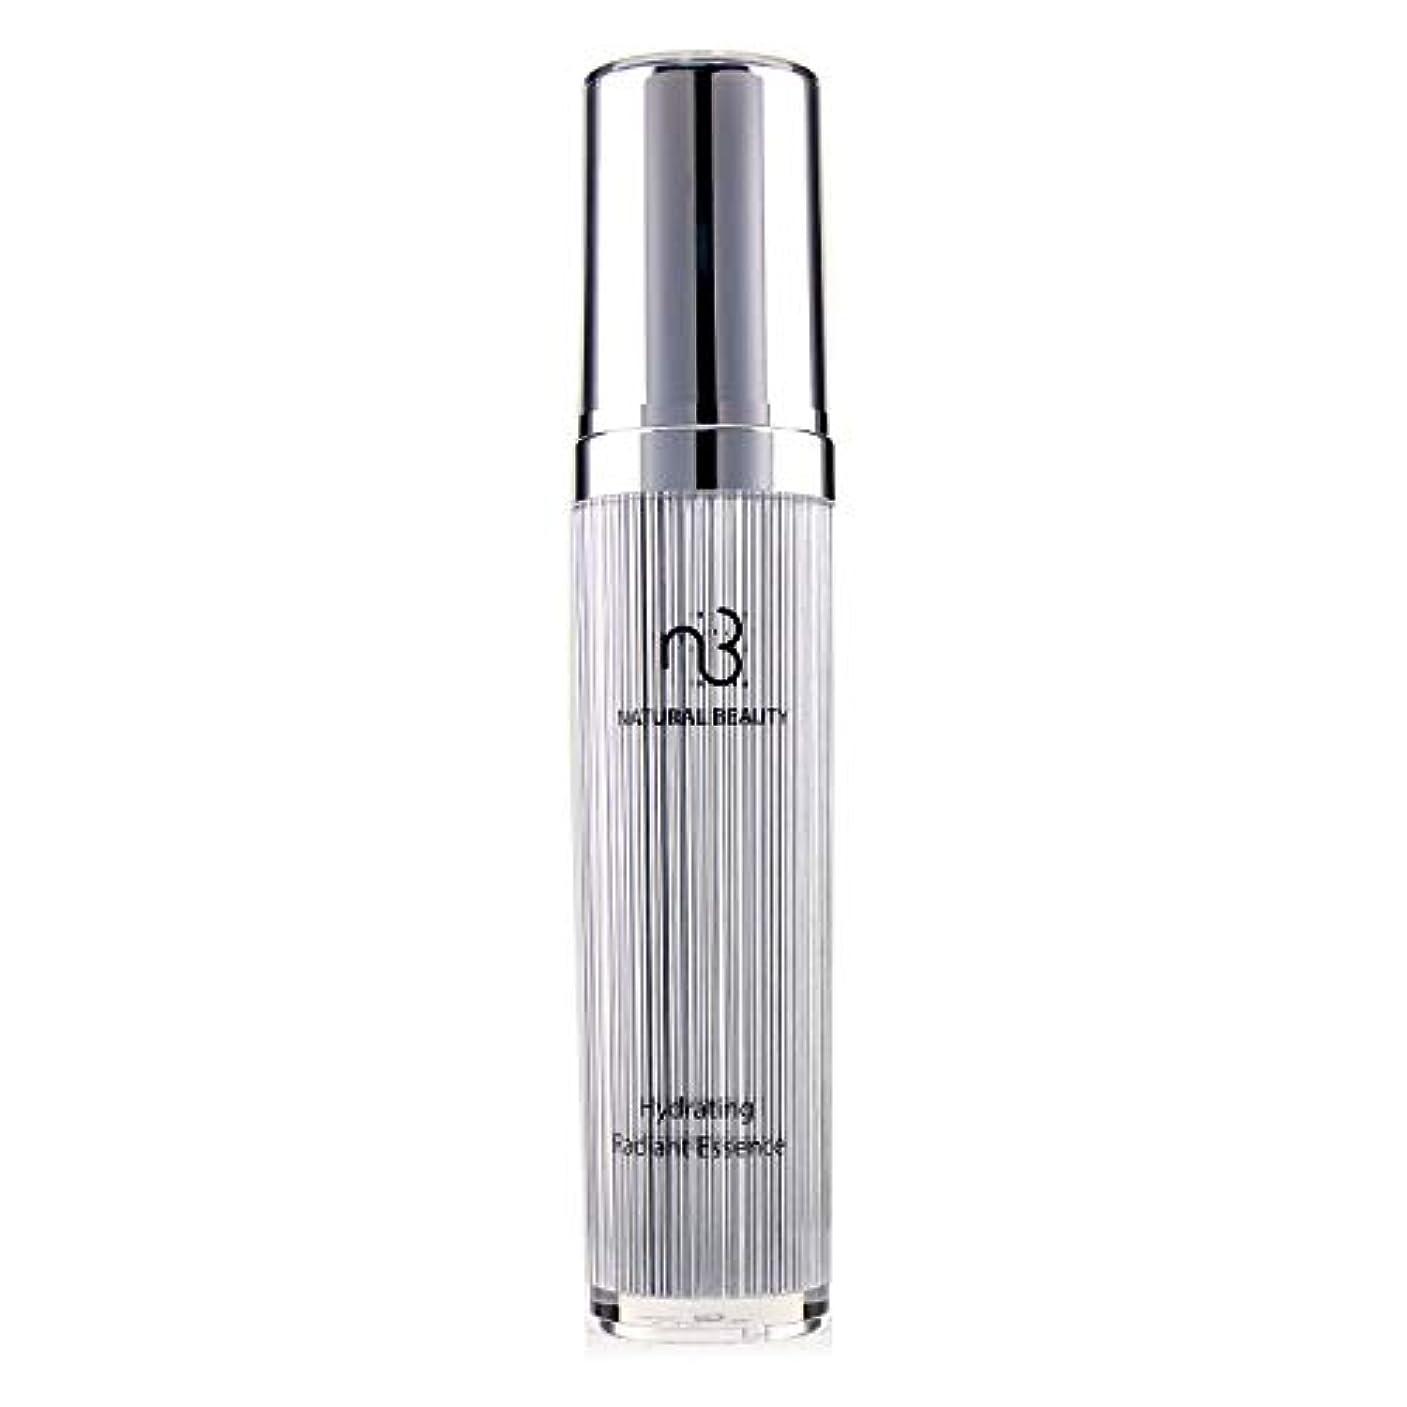 幸運な難民花自然の美 ハイドレイティングラディアントエッセンス Natural Beauty Hydrating Radiant Essence 50ml/1.7oz並行輸入品